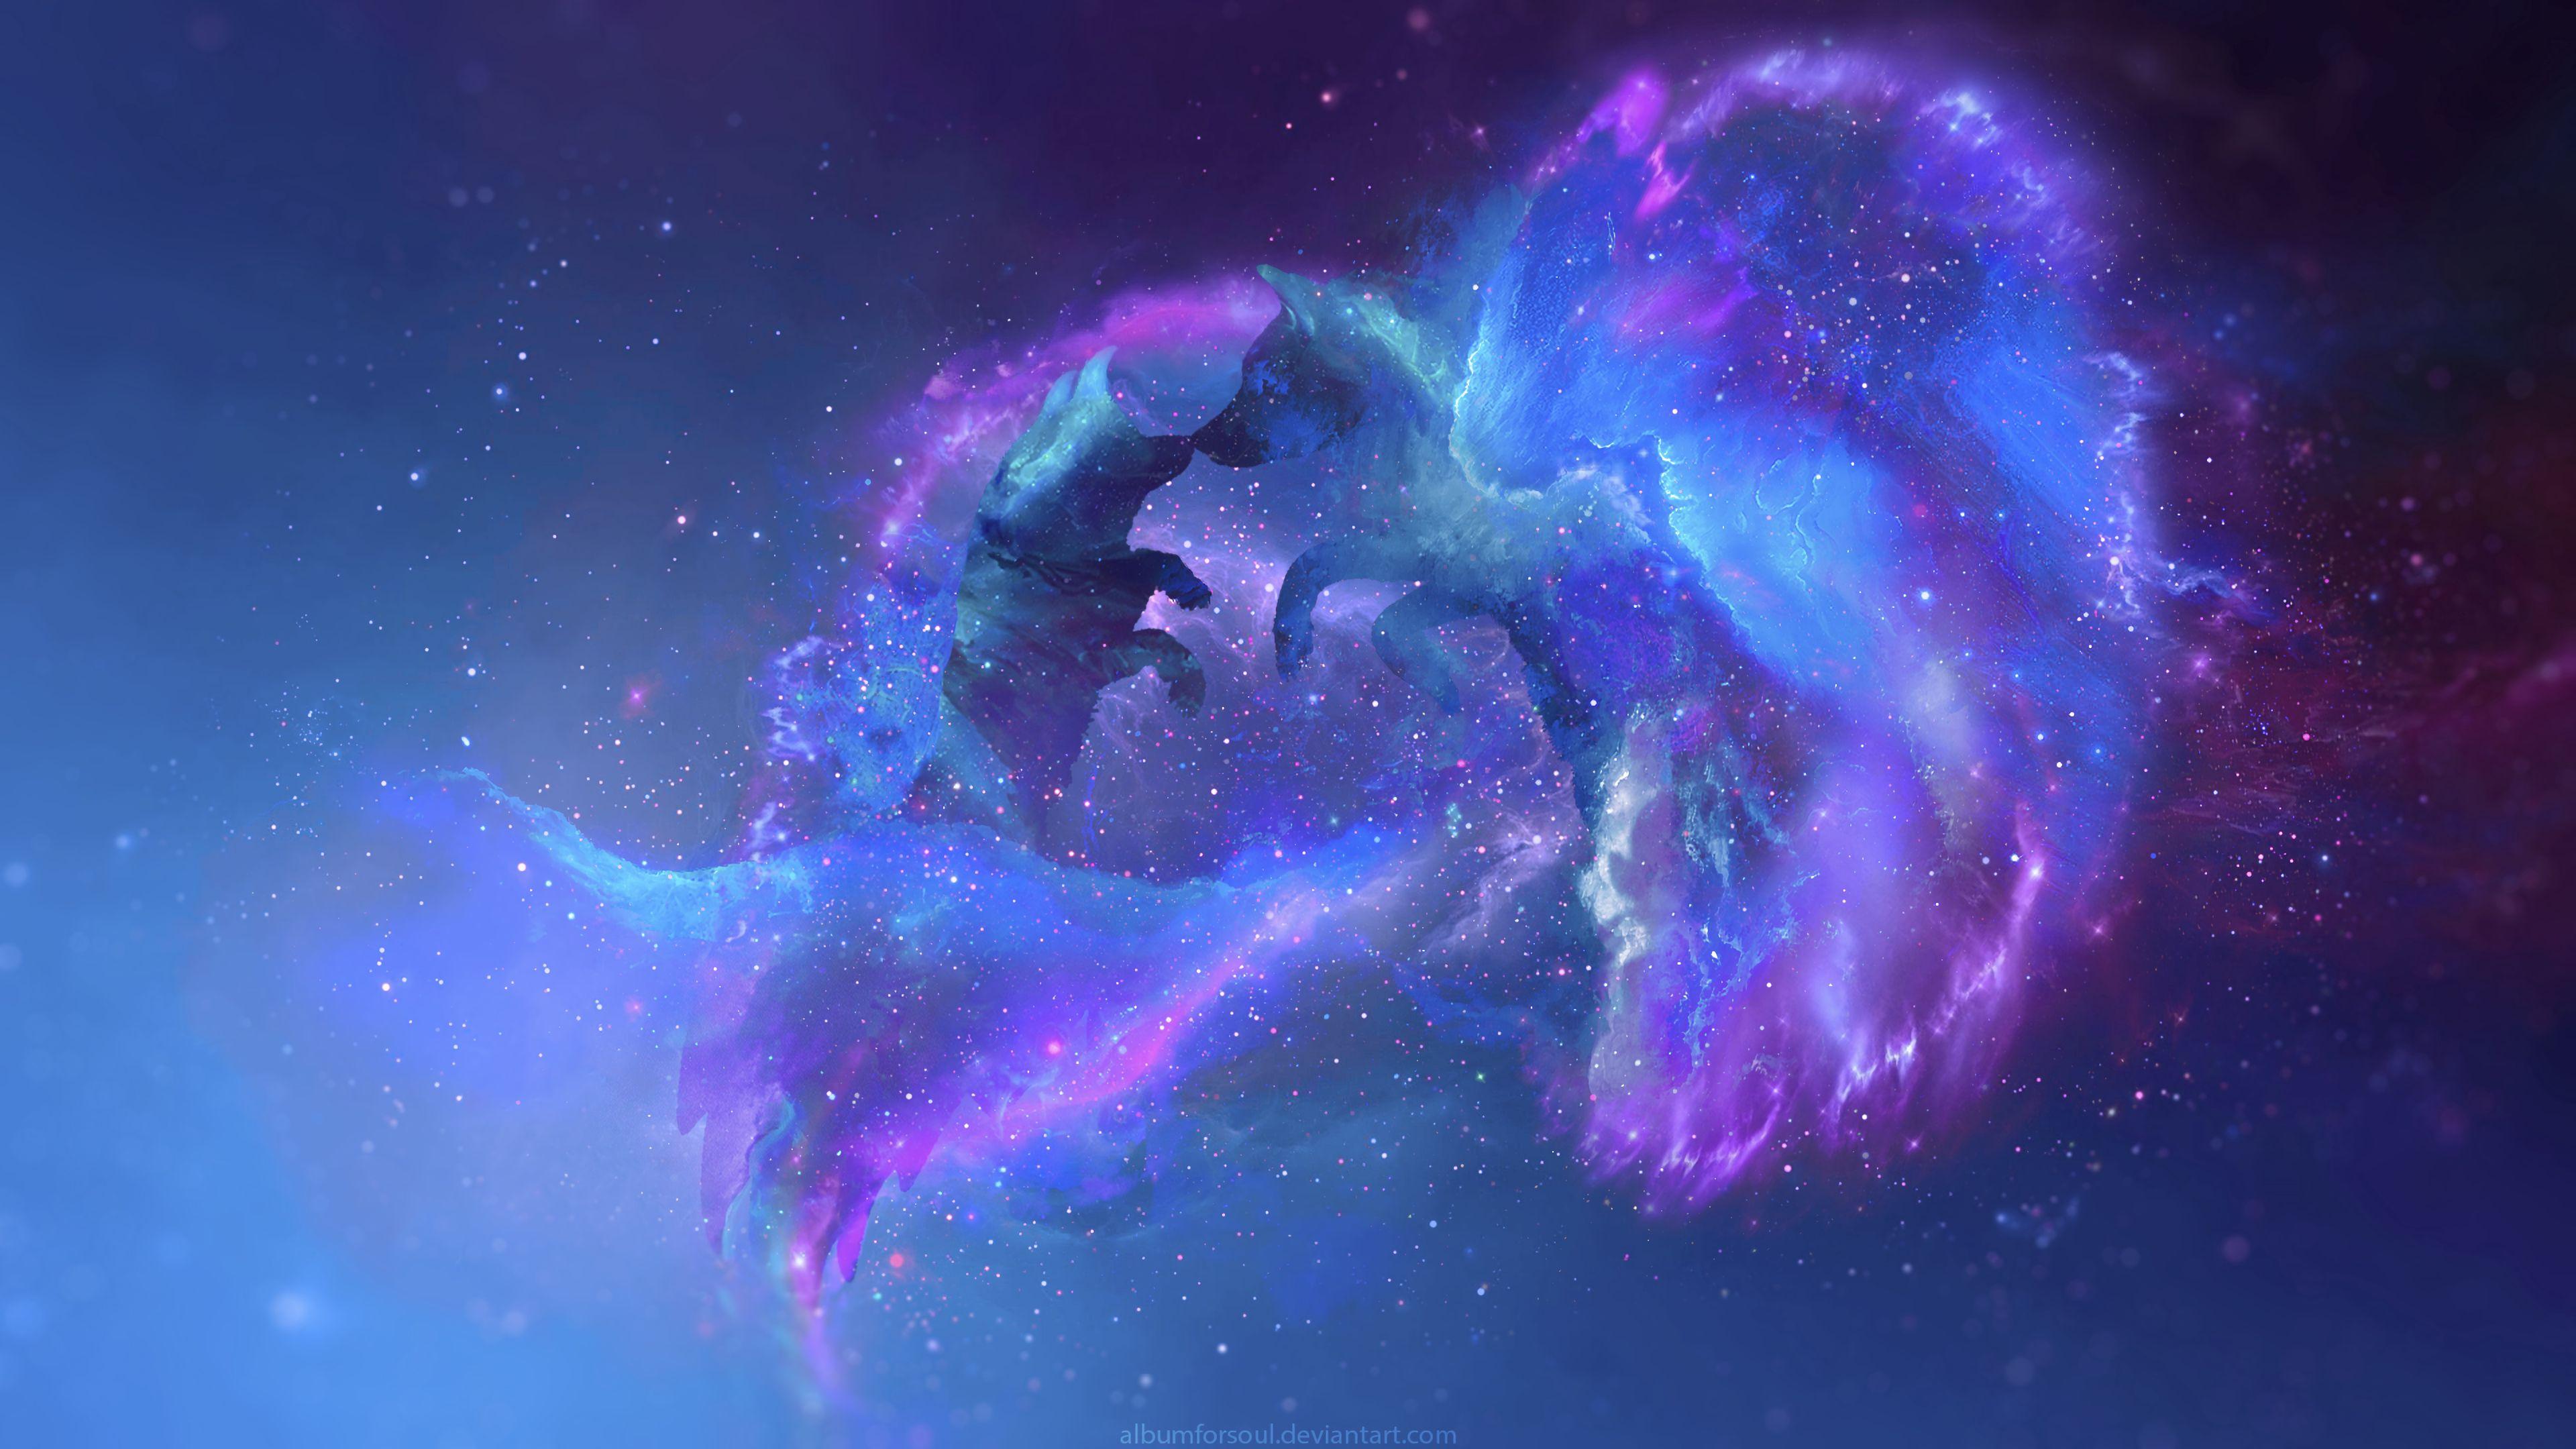 132499 скачать обои Волки, Силуэты, Галактика, Арт, Звезды, Вселенная - заставки и картинки бесплатно